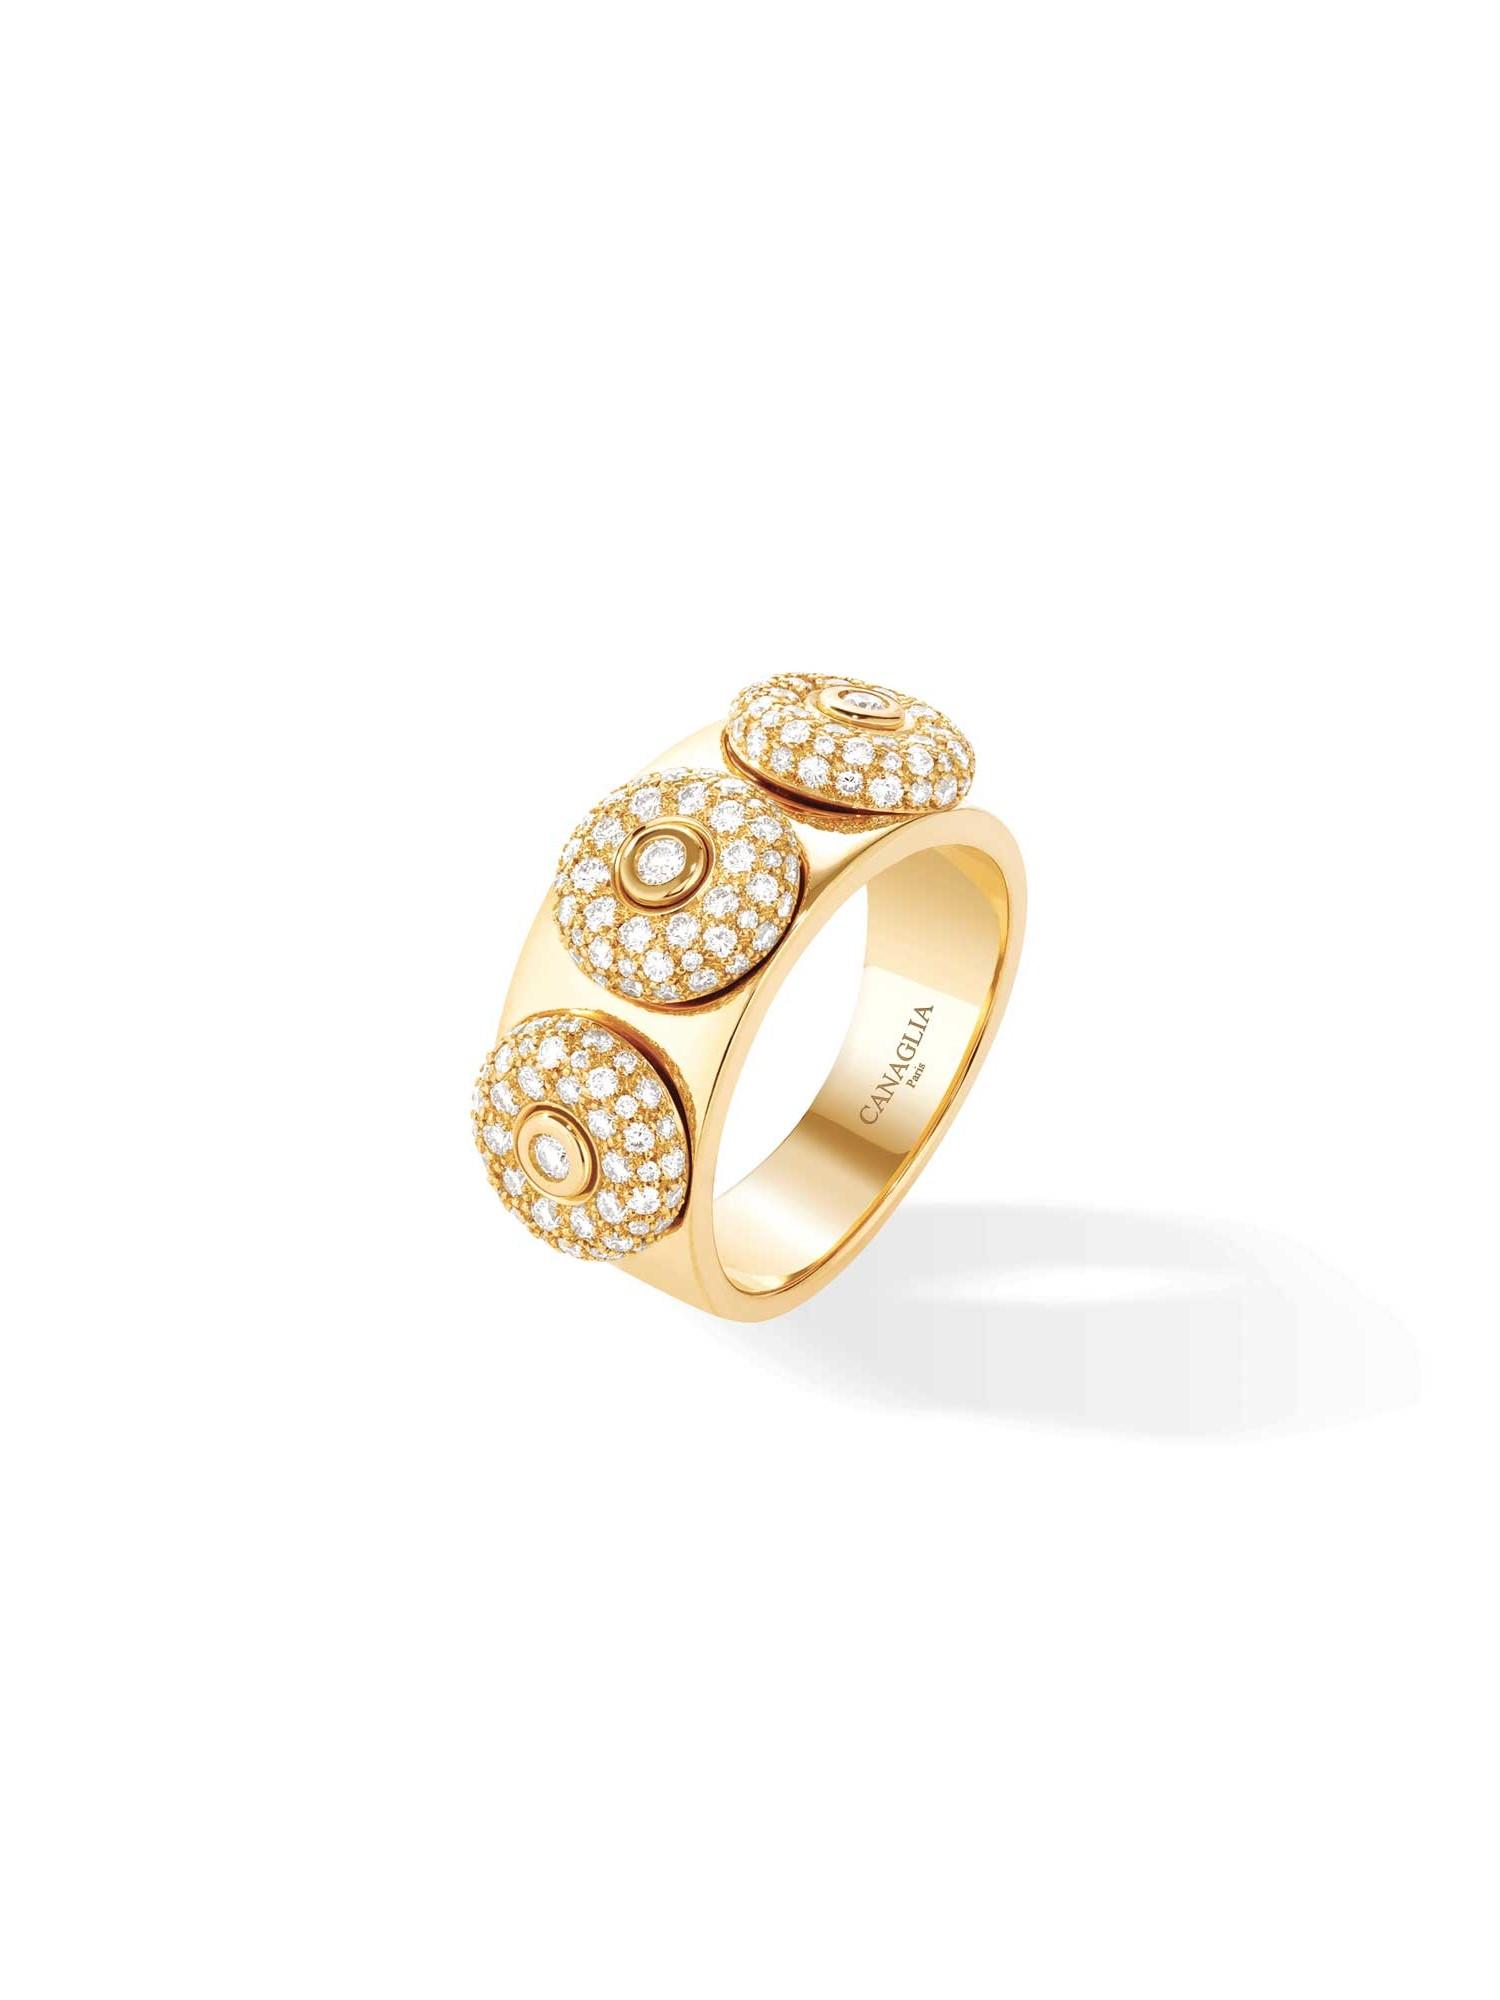 Bague jonc or jaune, diamants 3 bouées - Joaillerie Canaglia Paris-Milan